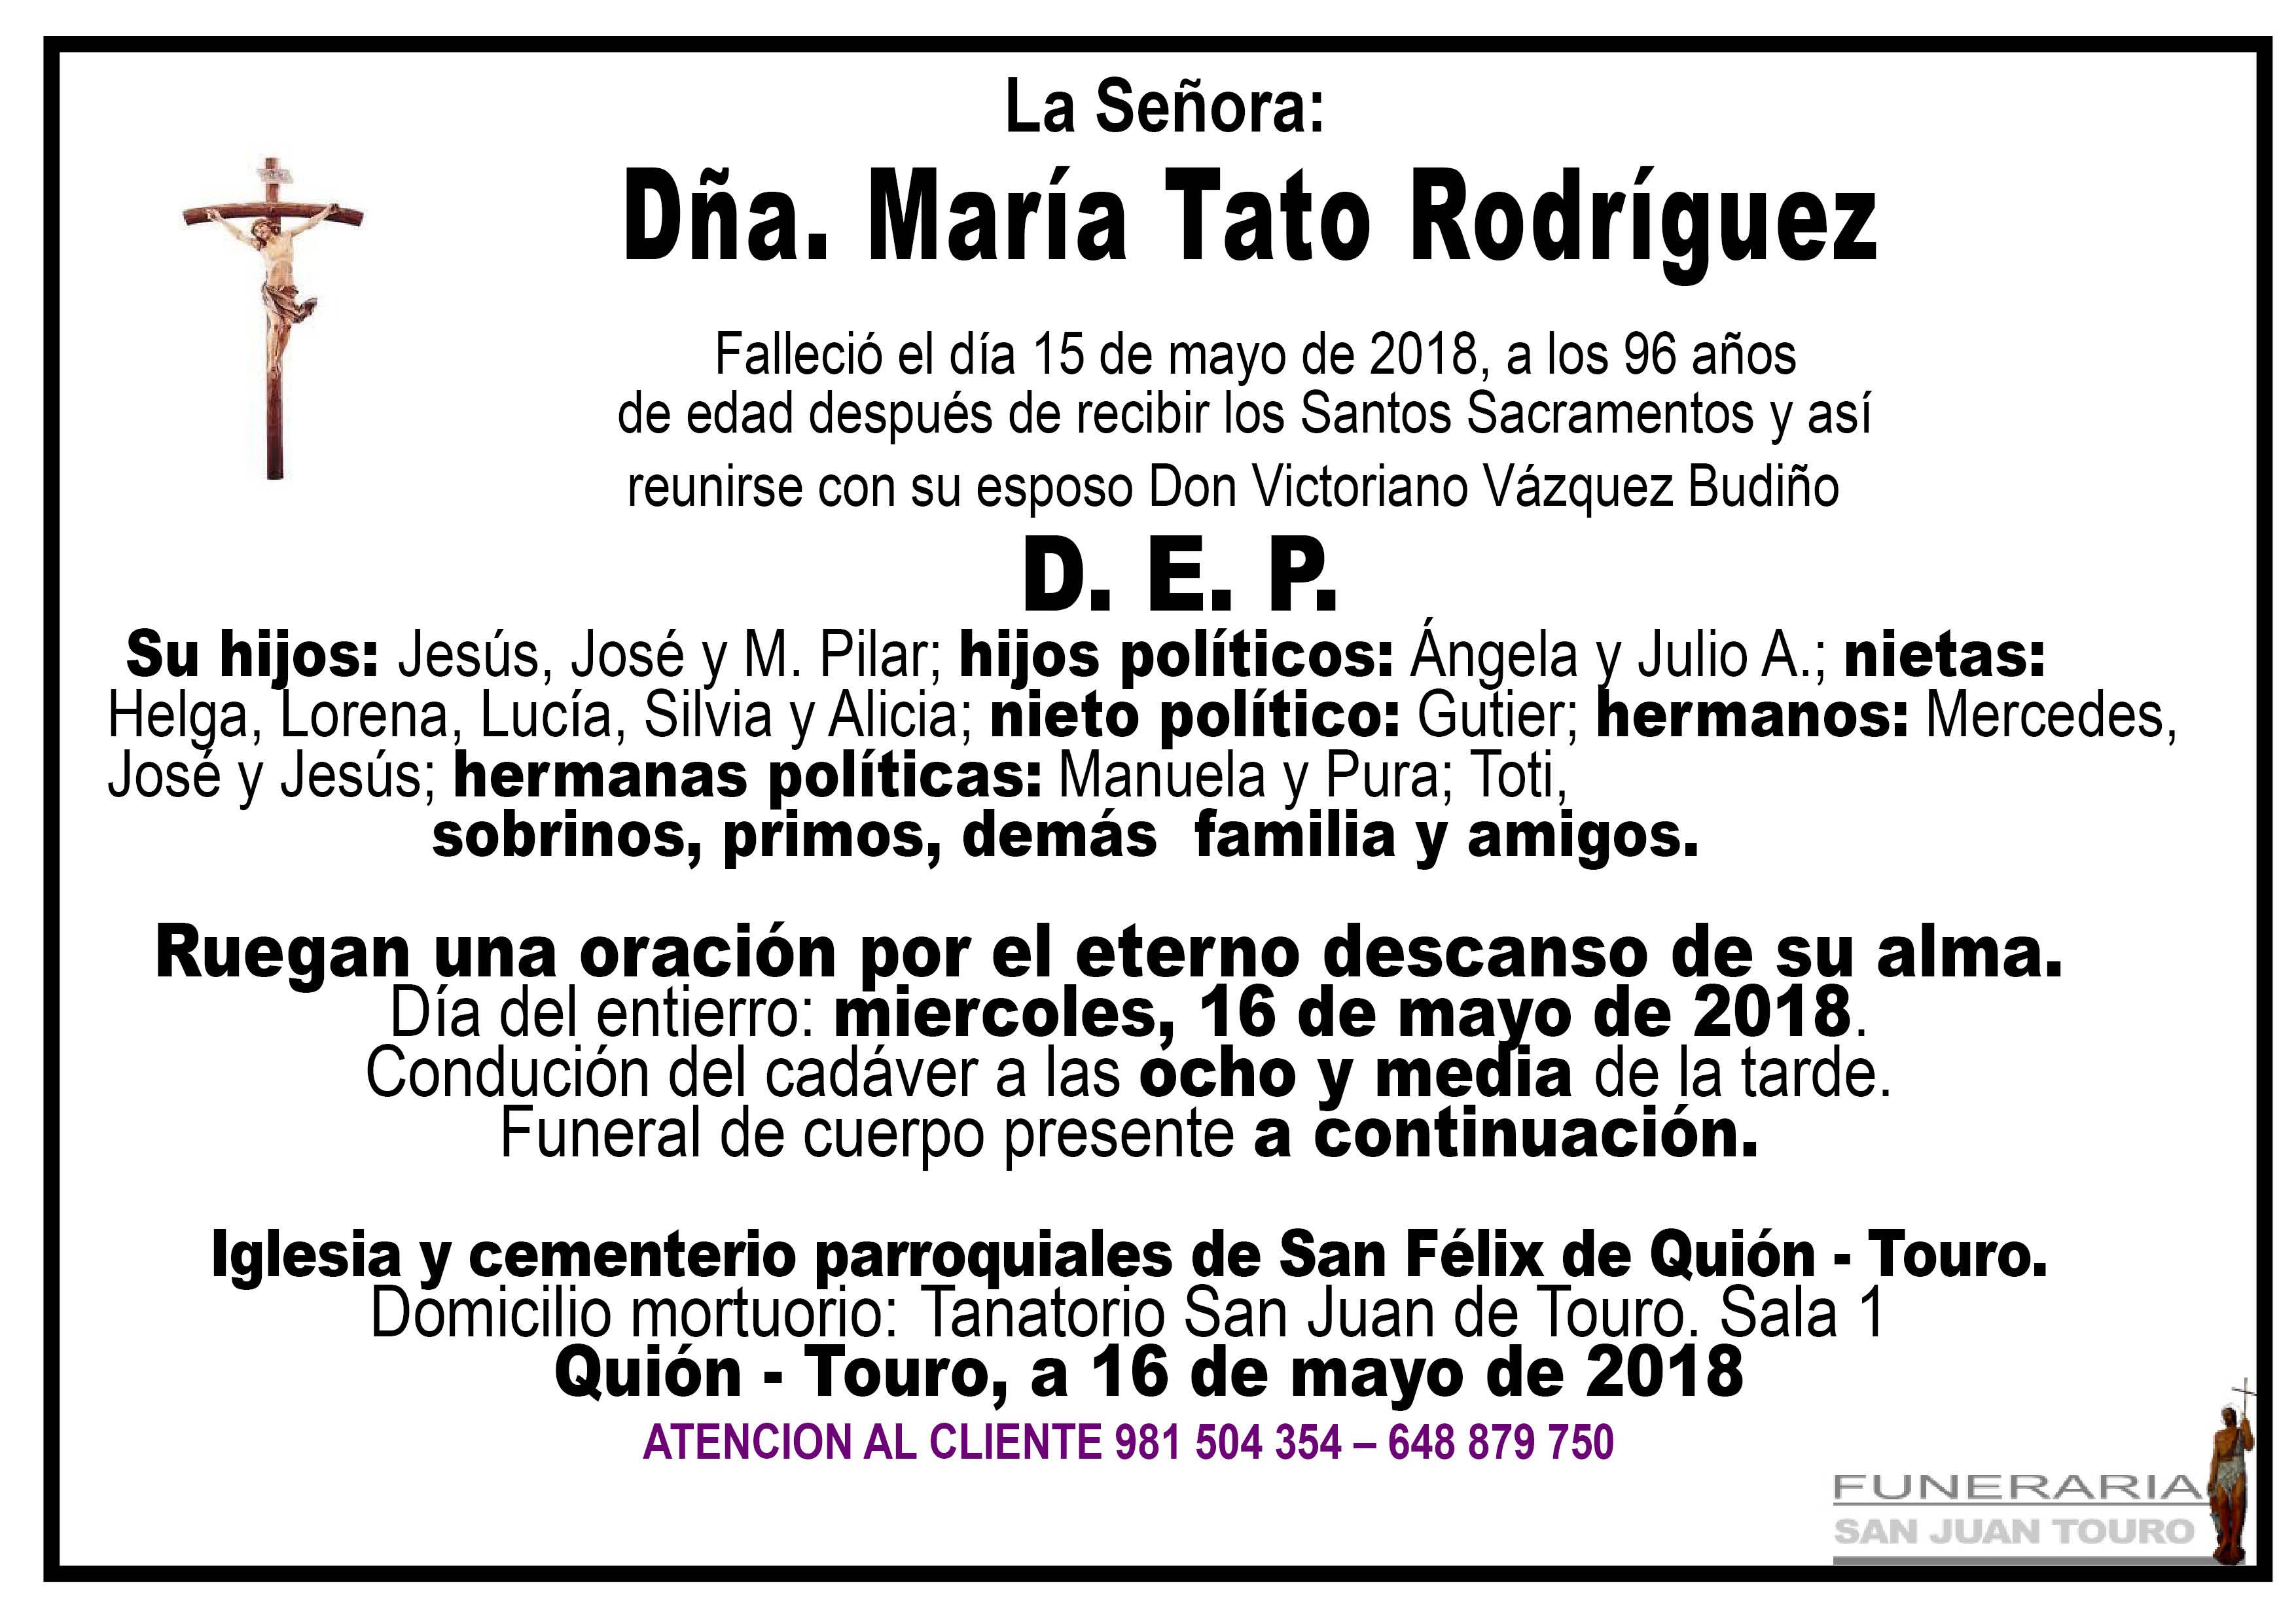 Esquela de SEPELIO DE DOÑA MARÍA TATO RODRÍGUEZ